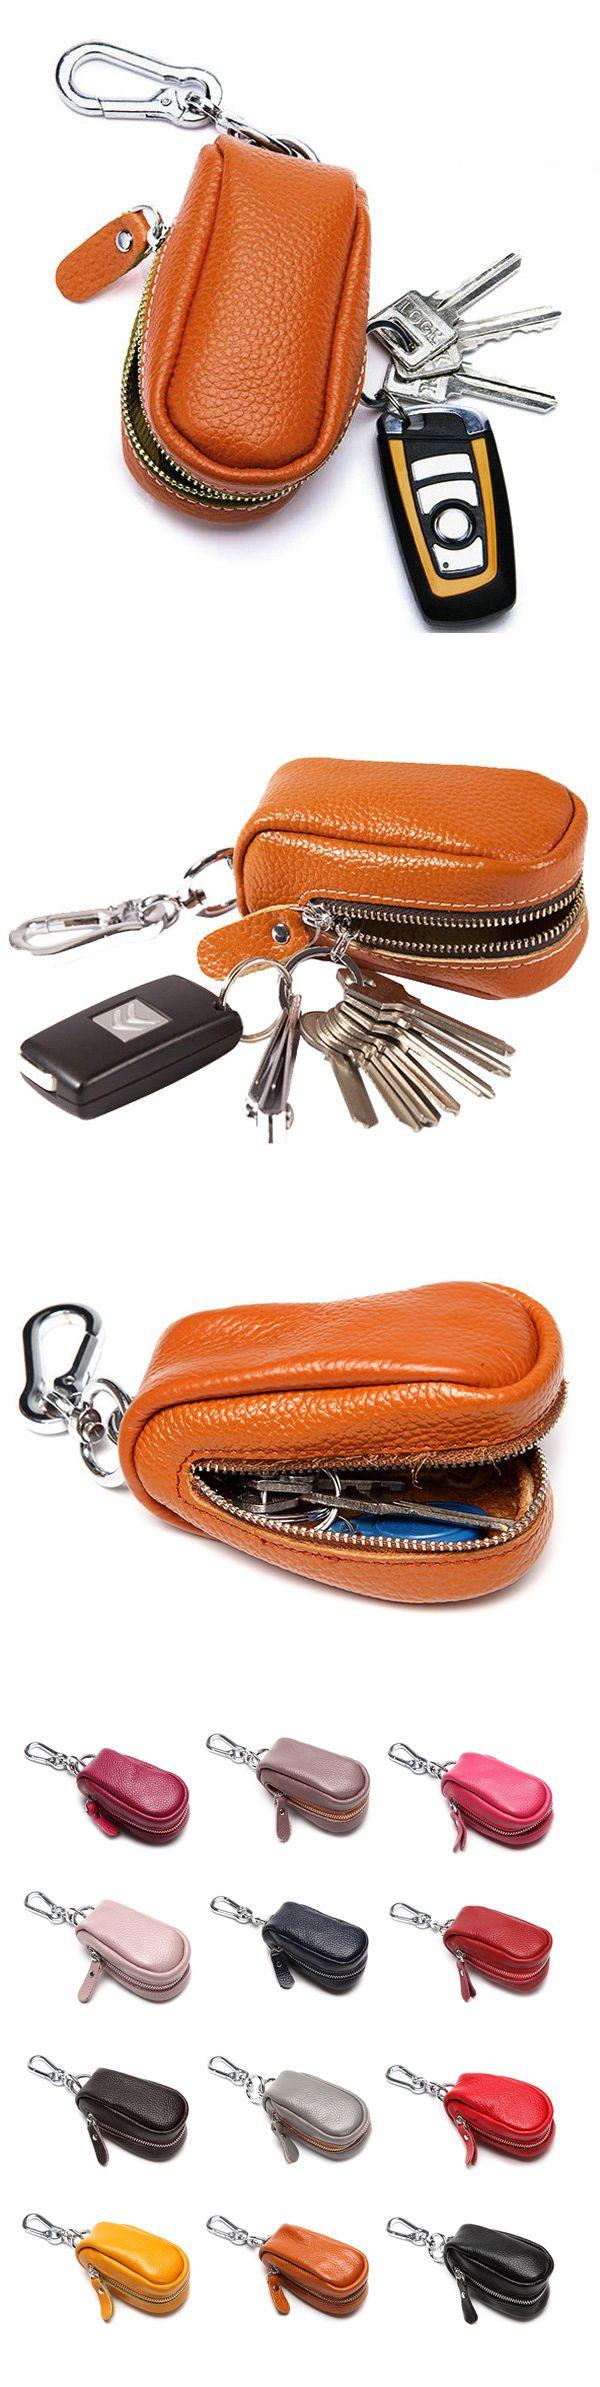 Women Men Genuine Leather Car Key Holder House Key Holder Bag